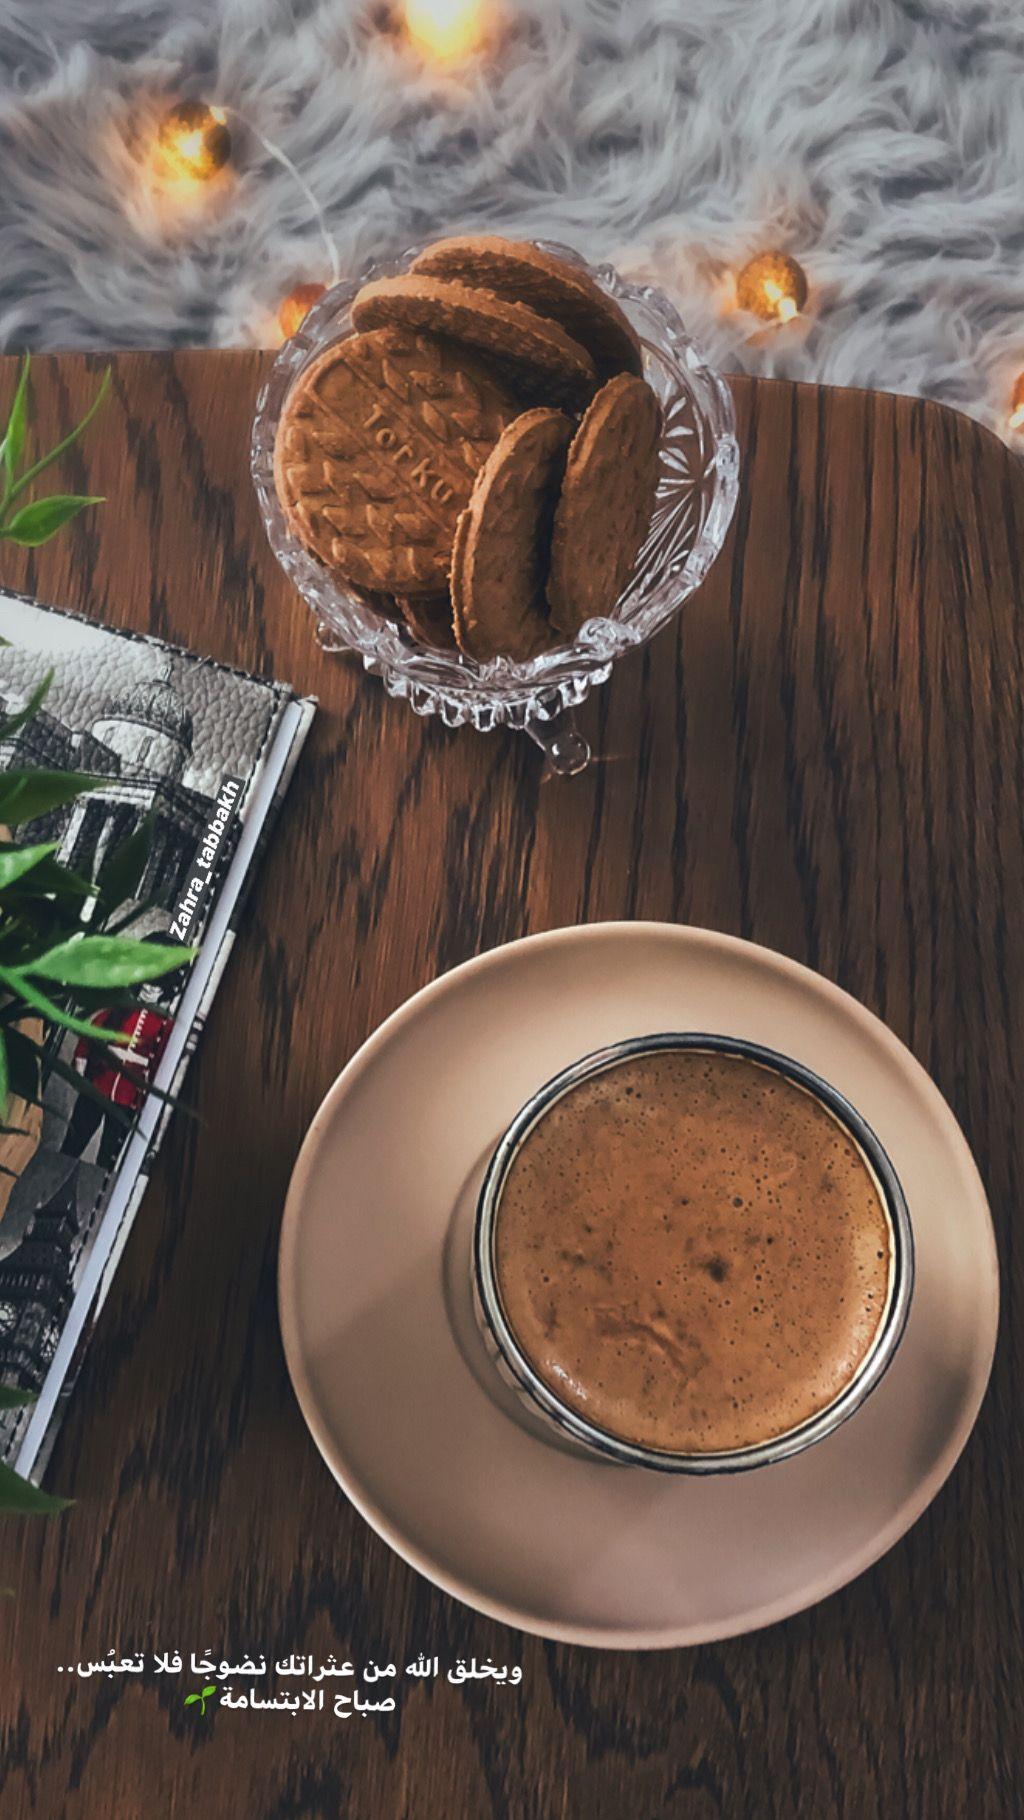 صباح الإبتسامة Positive Morning Quotes Good Morning Cards Morning Quotes